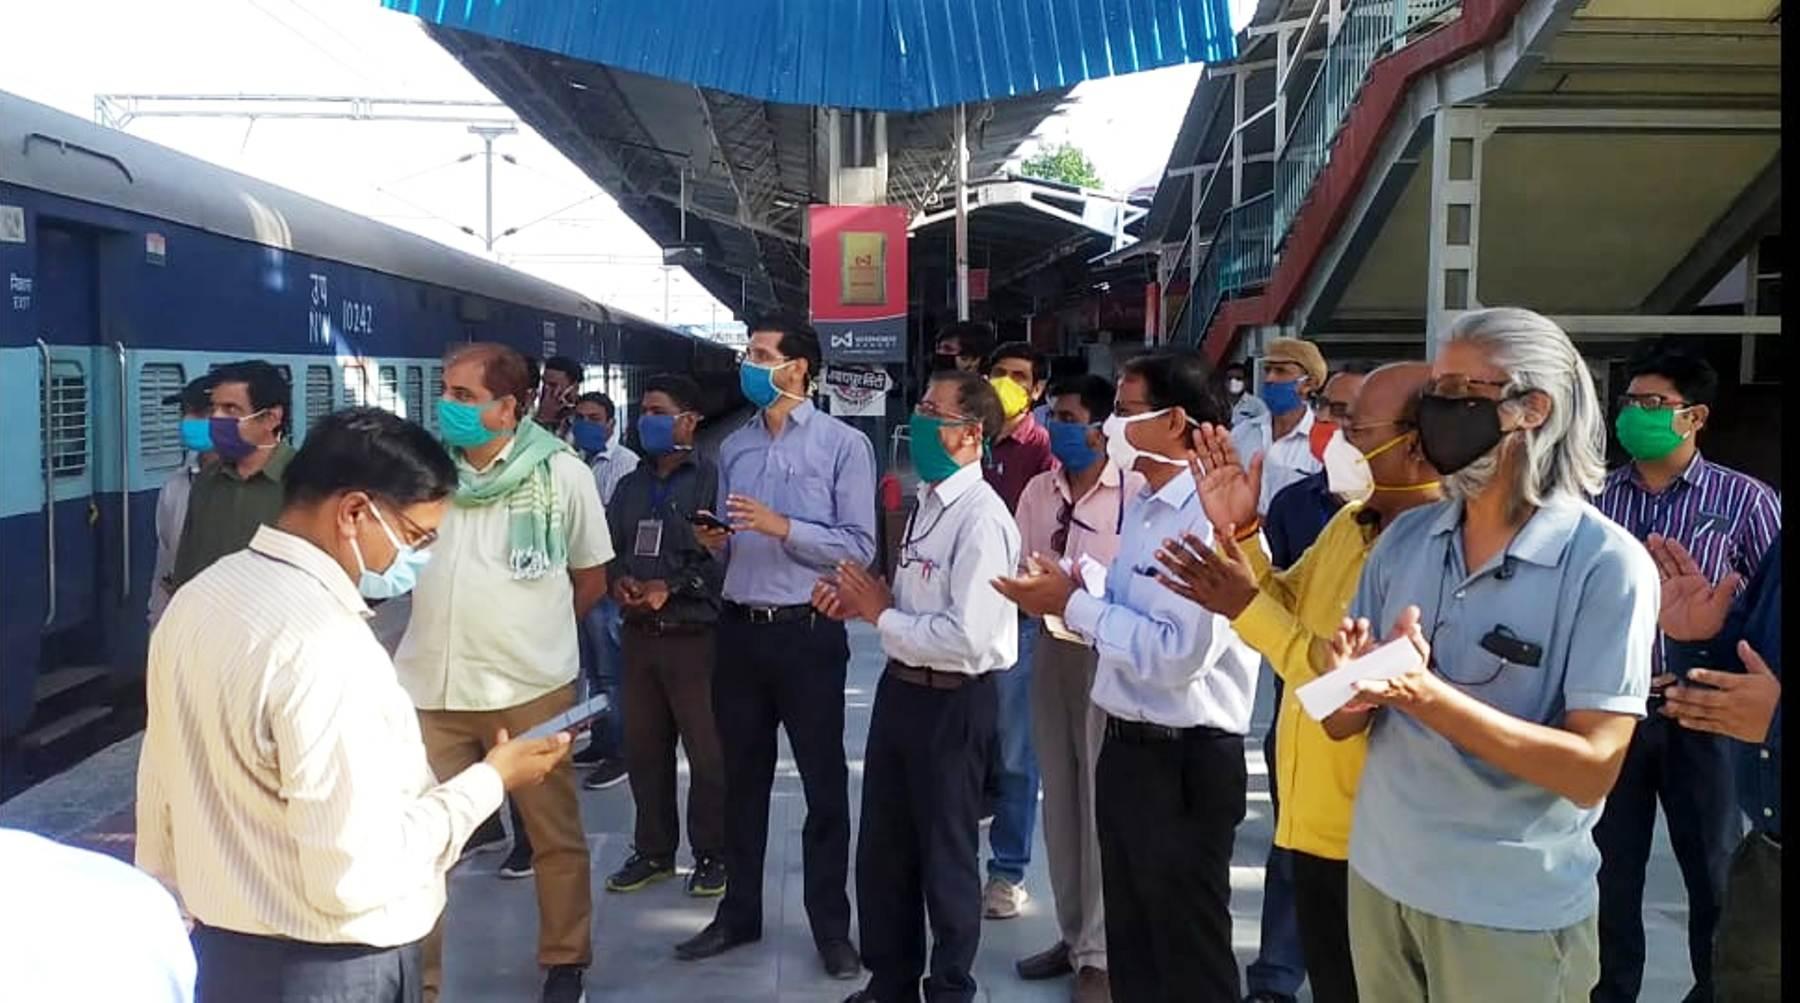 उदयपुर से बिहार के लिए रवाना हुई प्रवासियों की ट्रेन